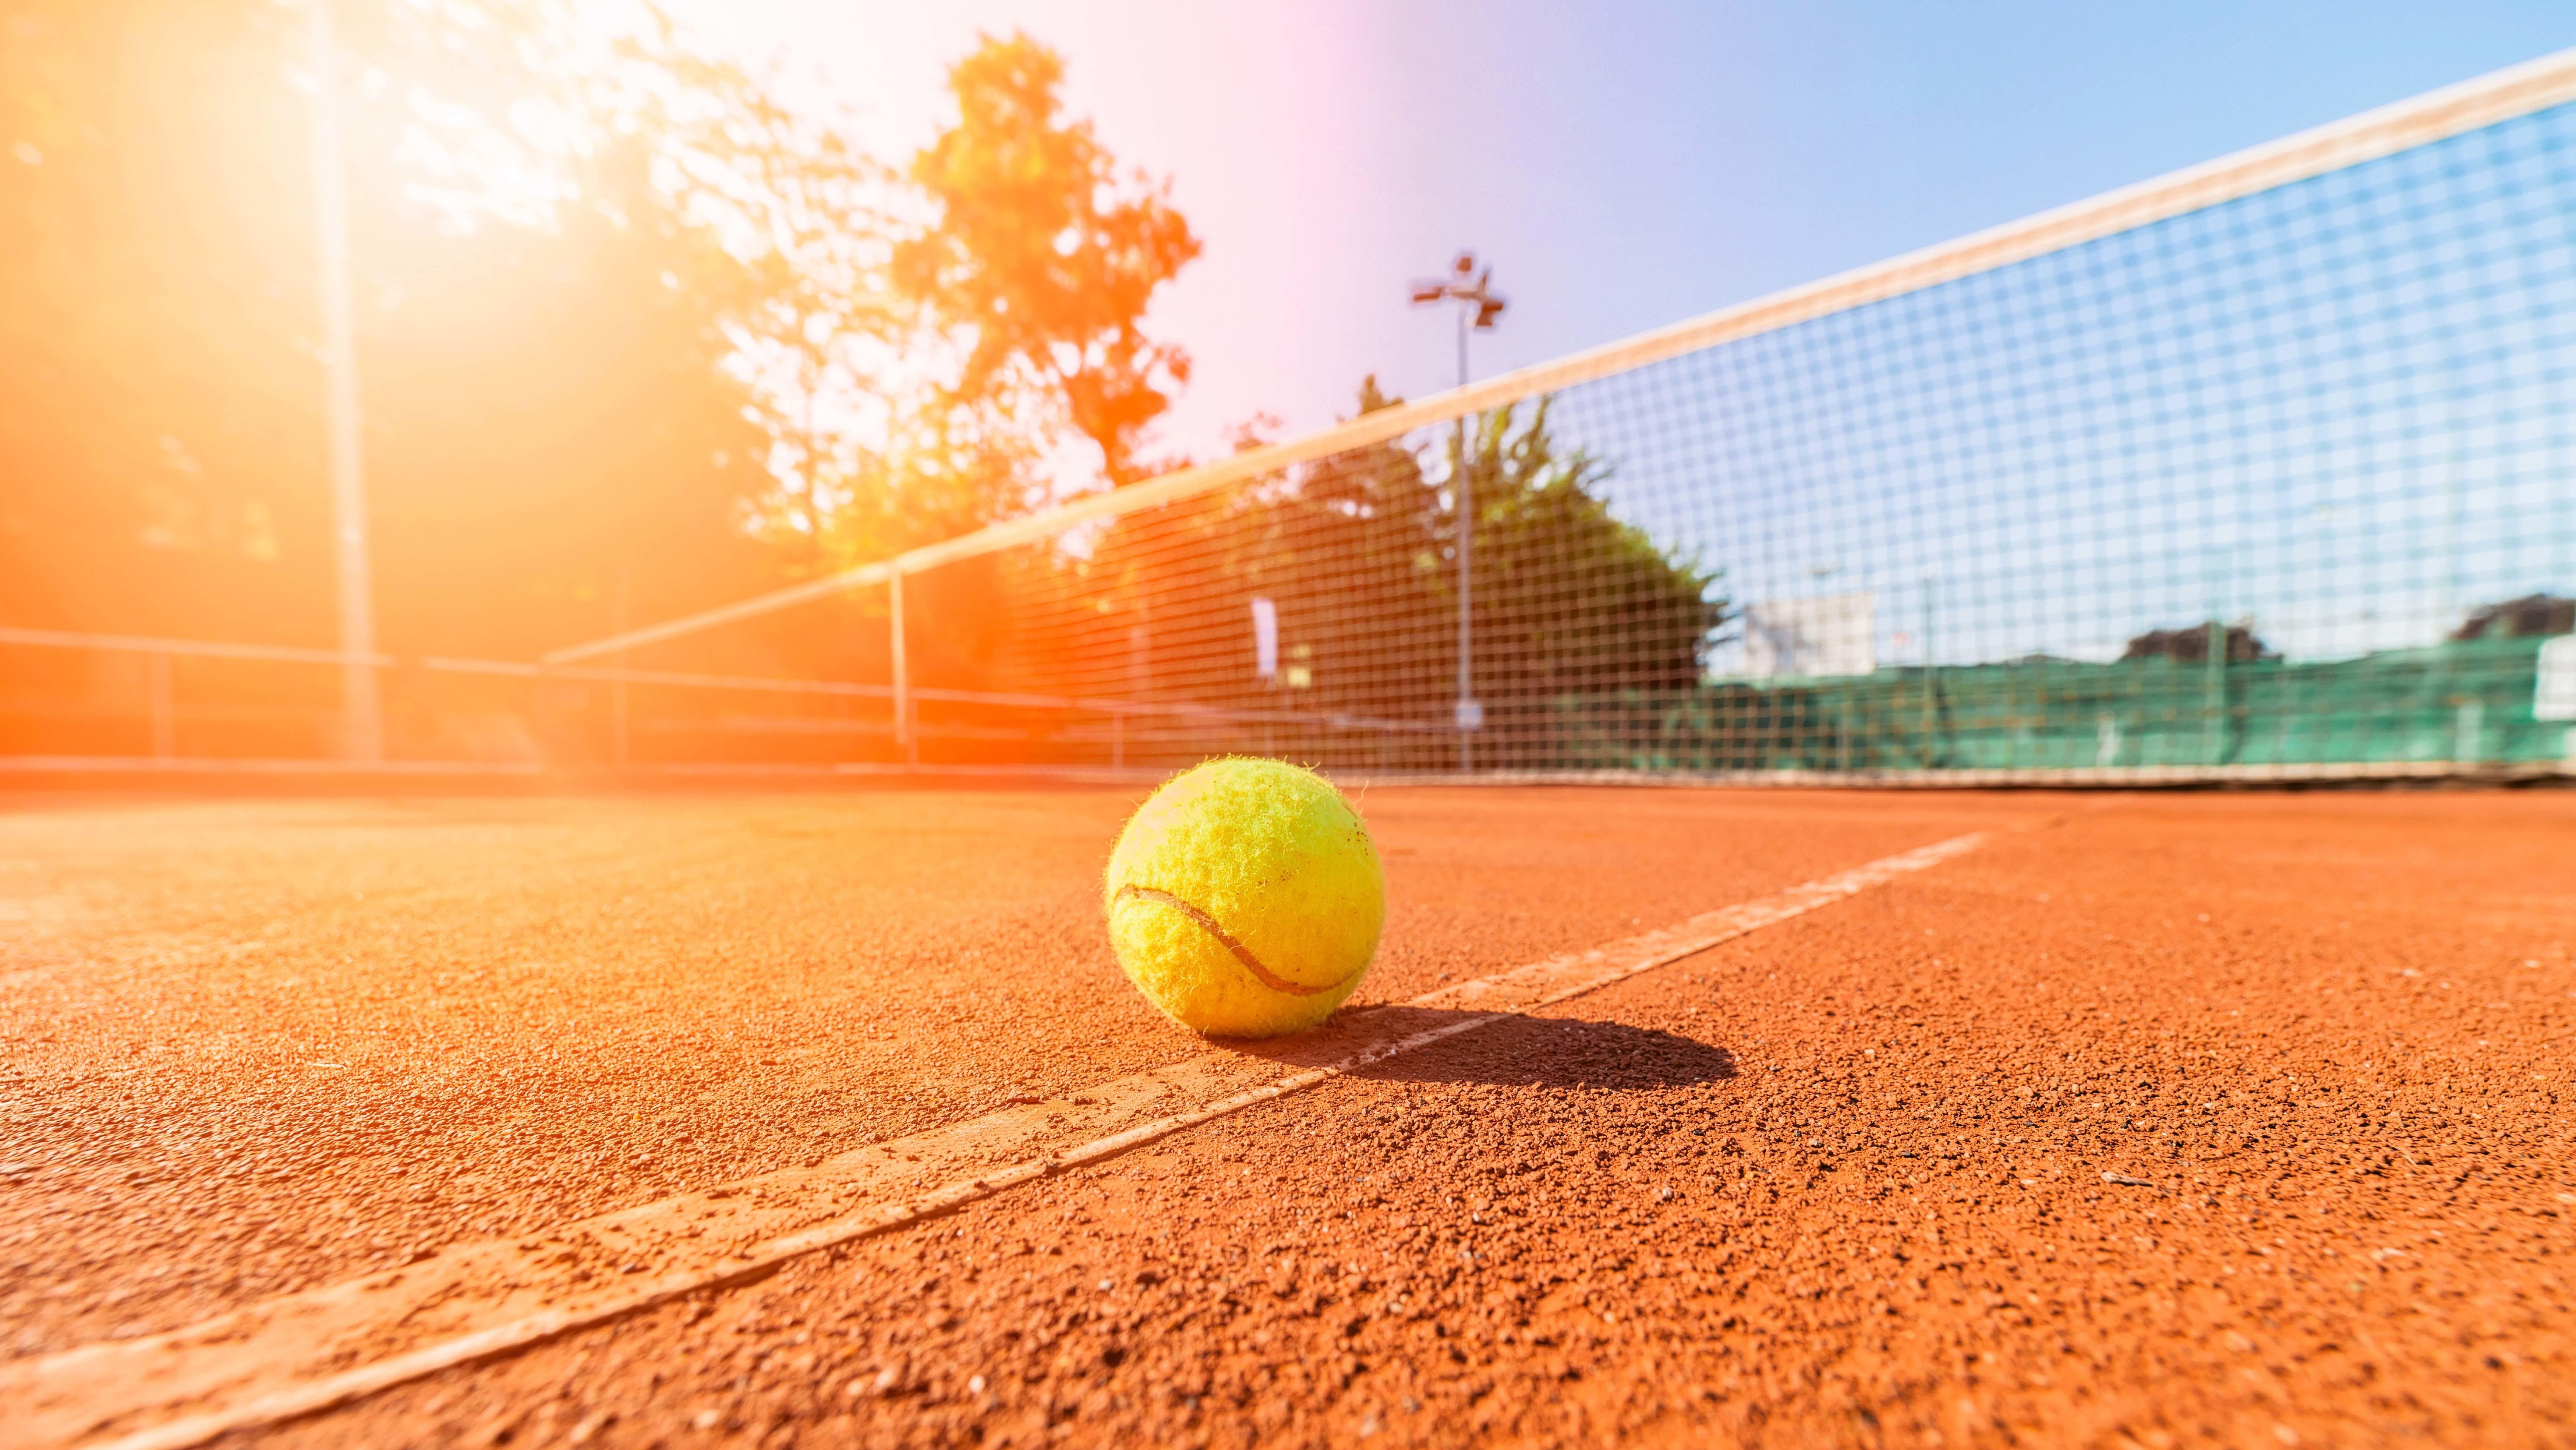 теннисный мяч  № 1367172 без смс